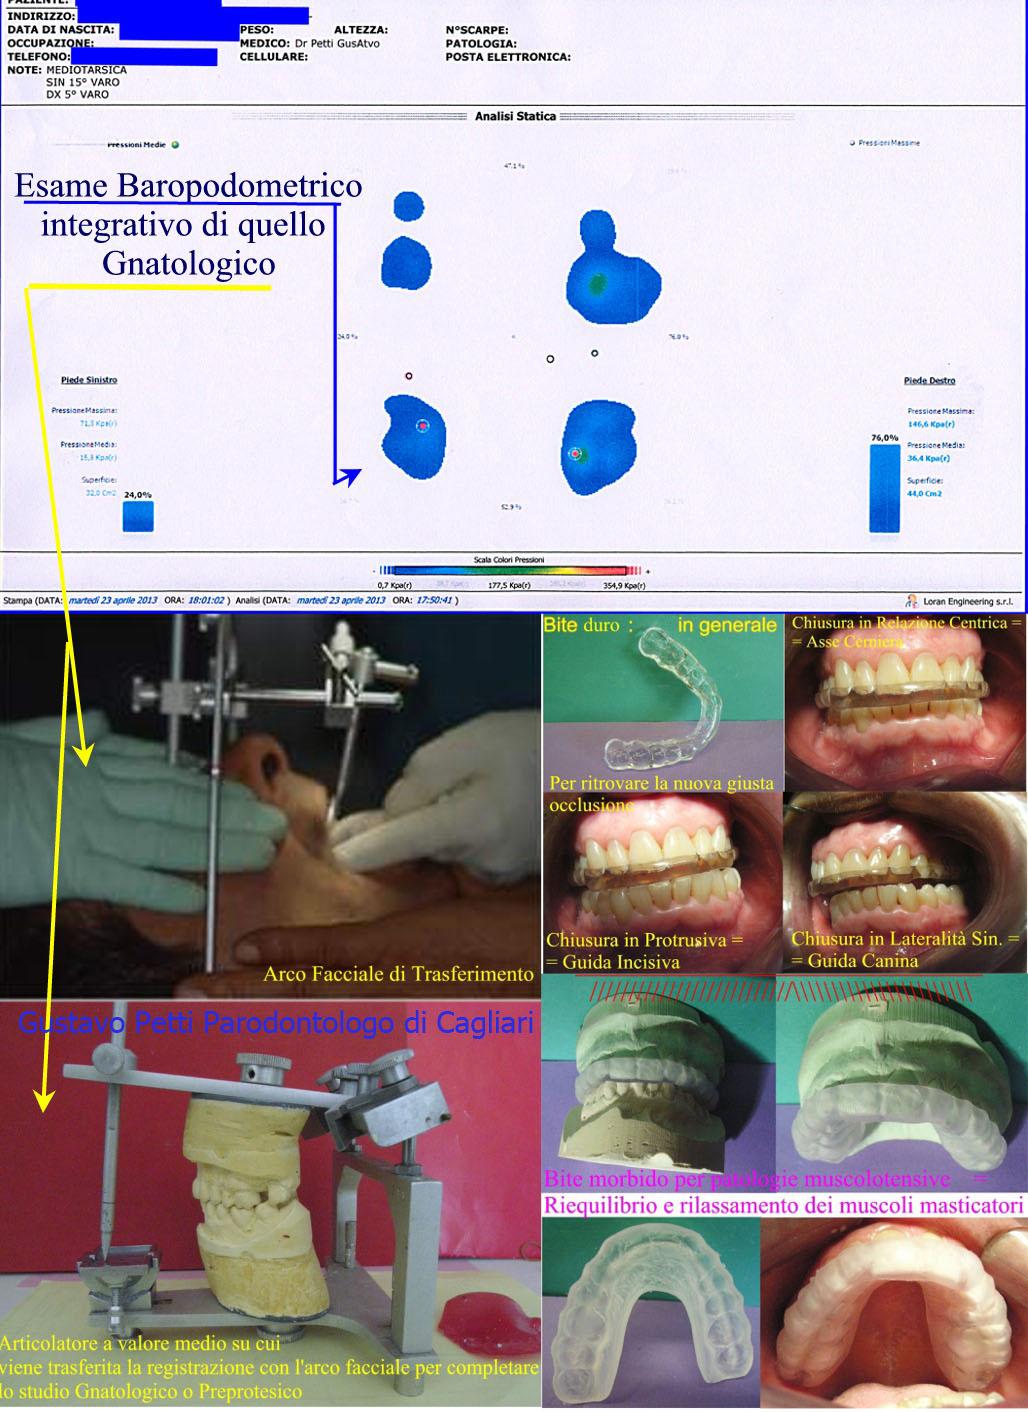 analisi-gnatologica-dr-g.petti-cagliari-265.jpg